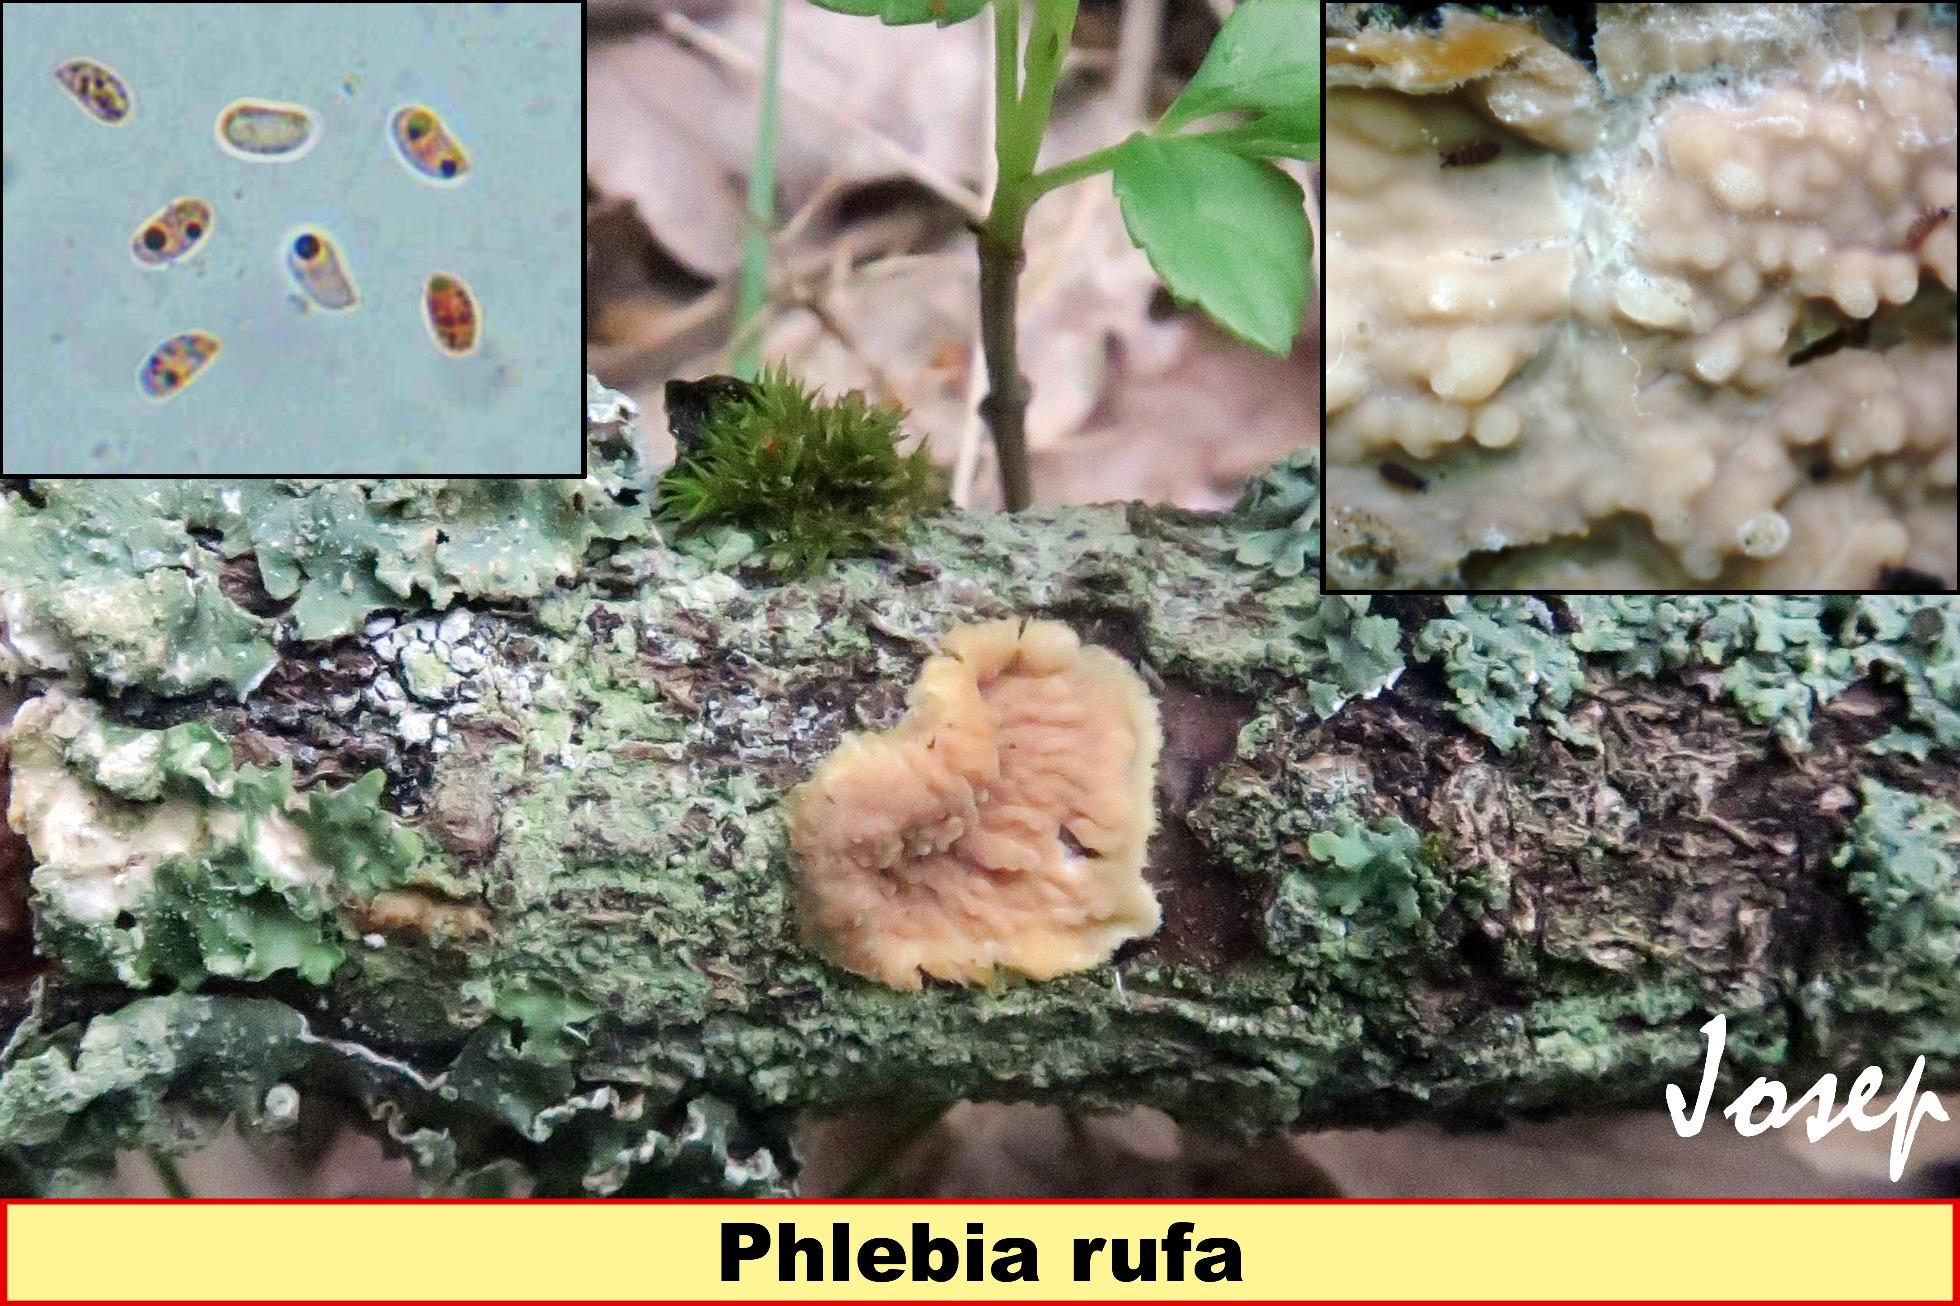 Phlebiarufa_2018-01-15.jpg